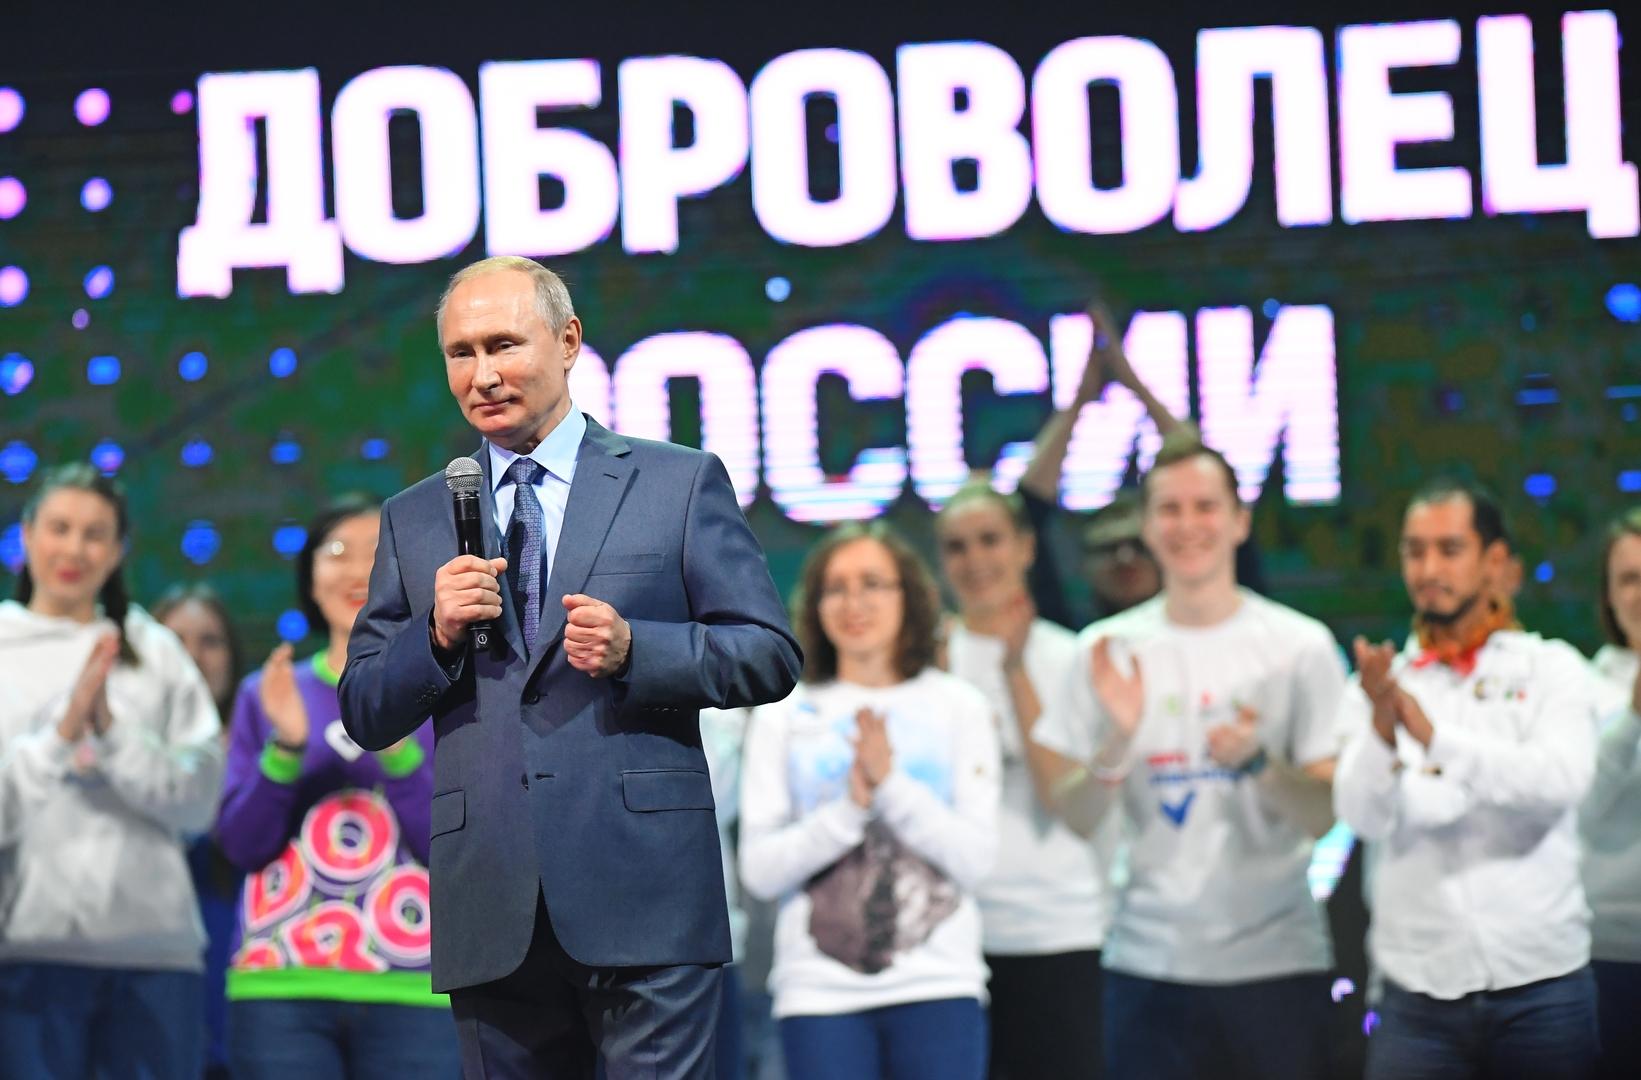 الرئيس الروسي فلاديمير بوتين في المنتدى الدولي للمتطوعين في مدينة سوتشي